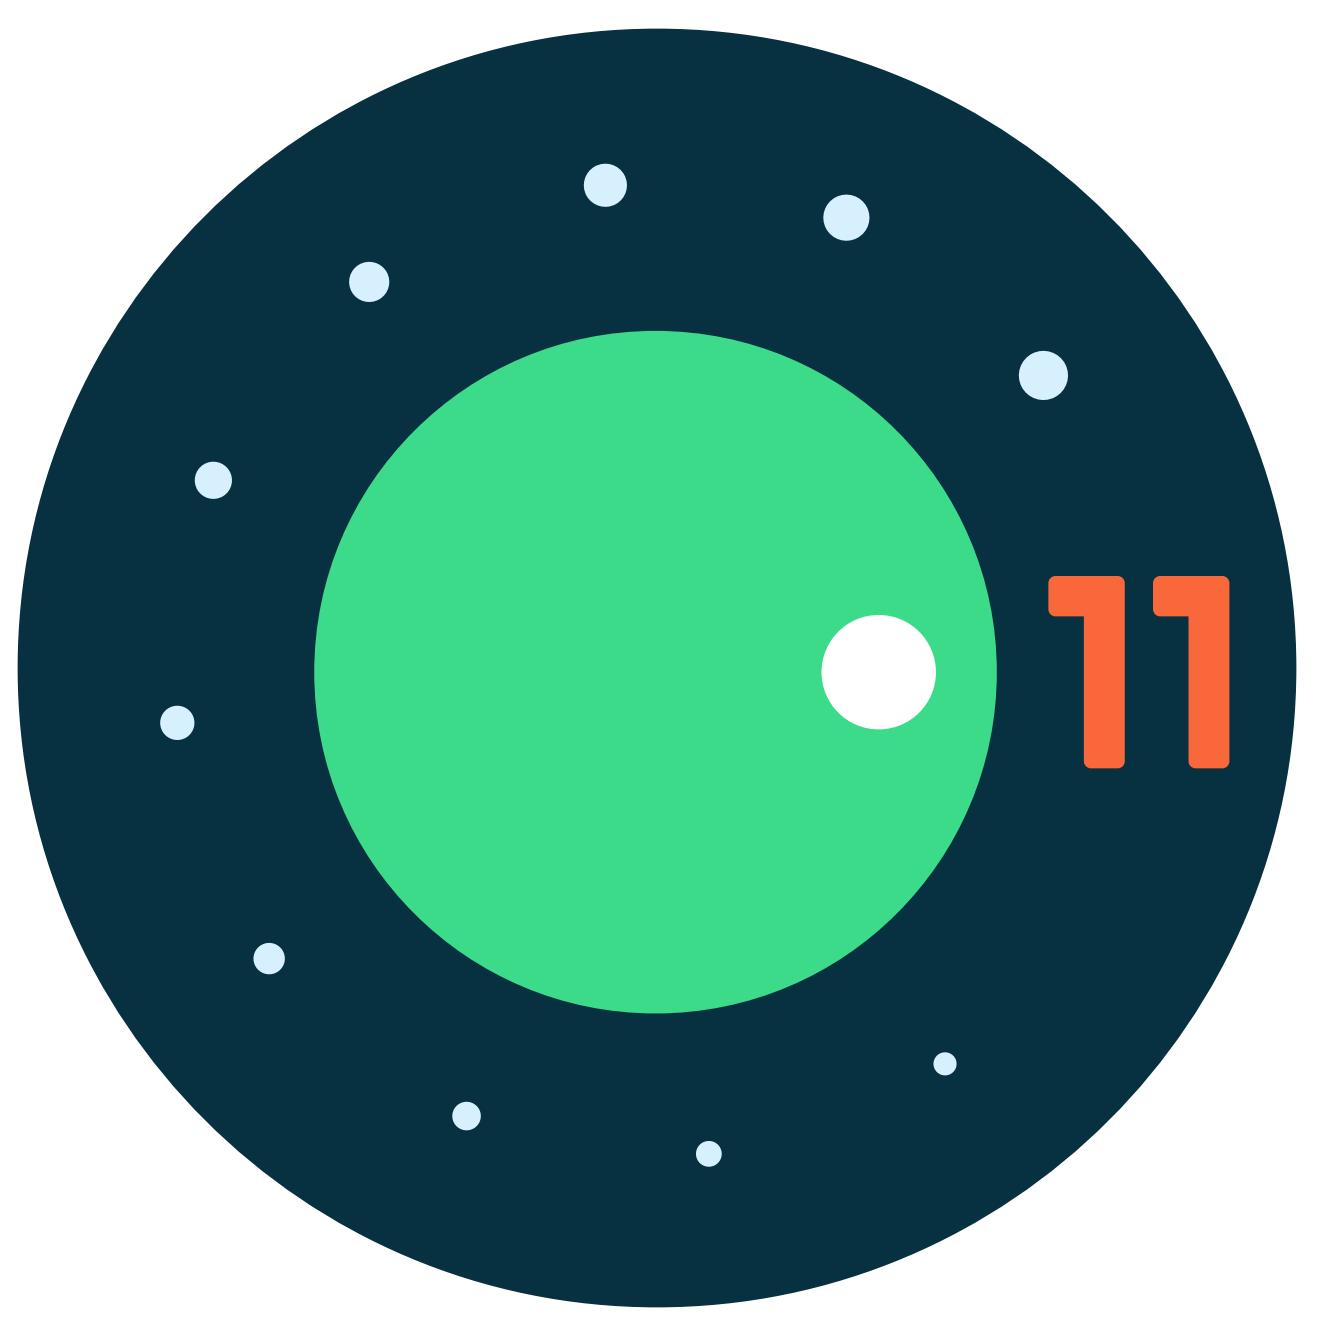 Android 11 vicino al rilascio, disponibile l'ultima Beta